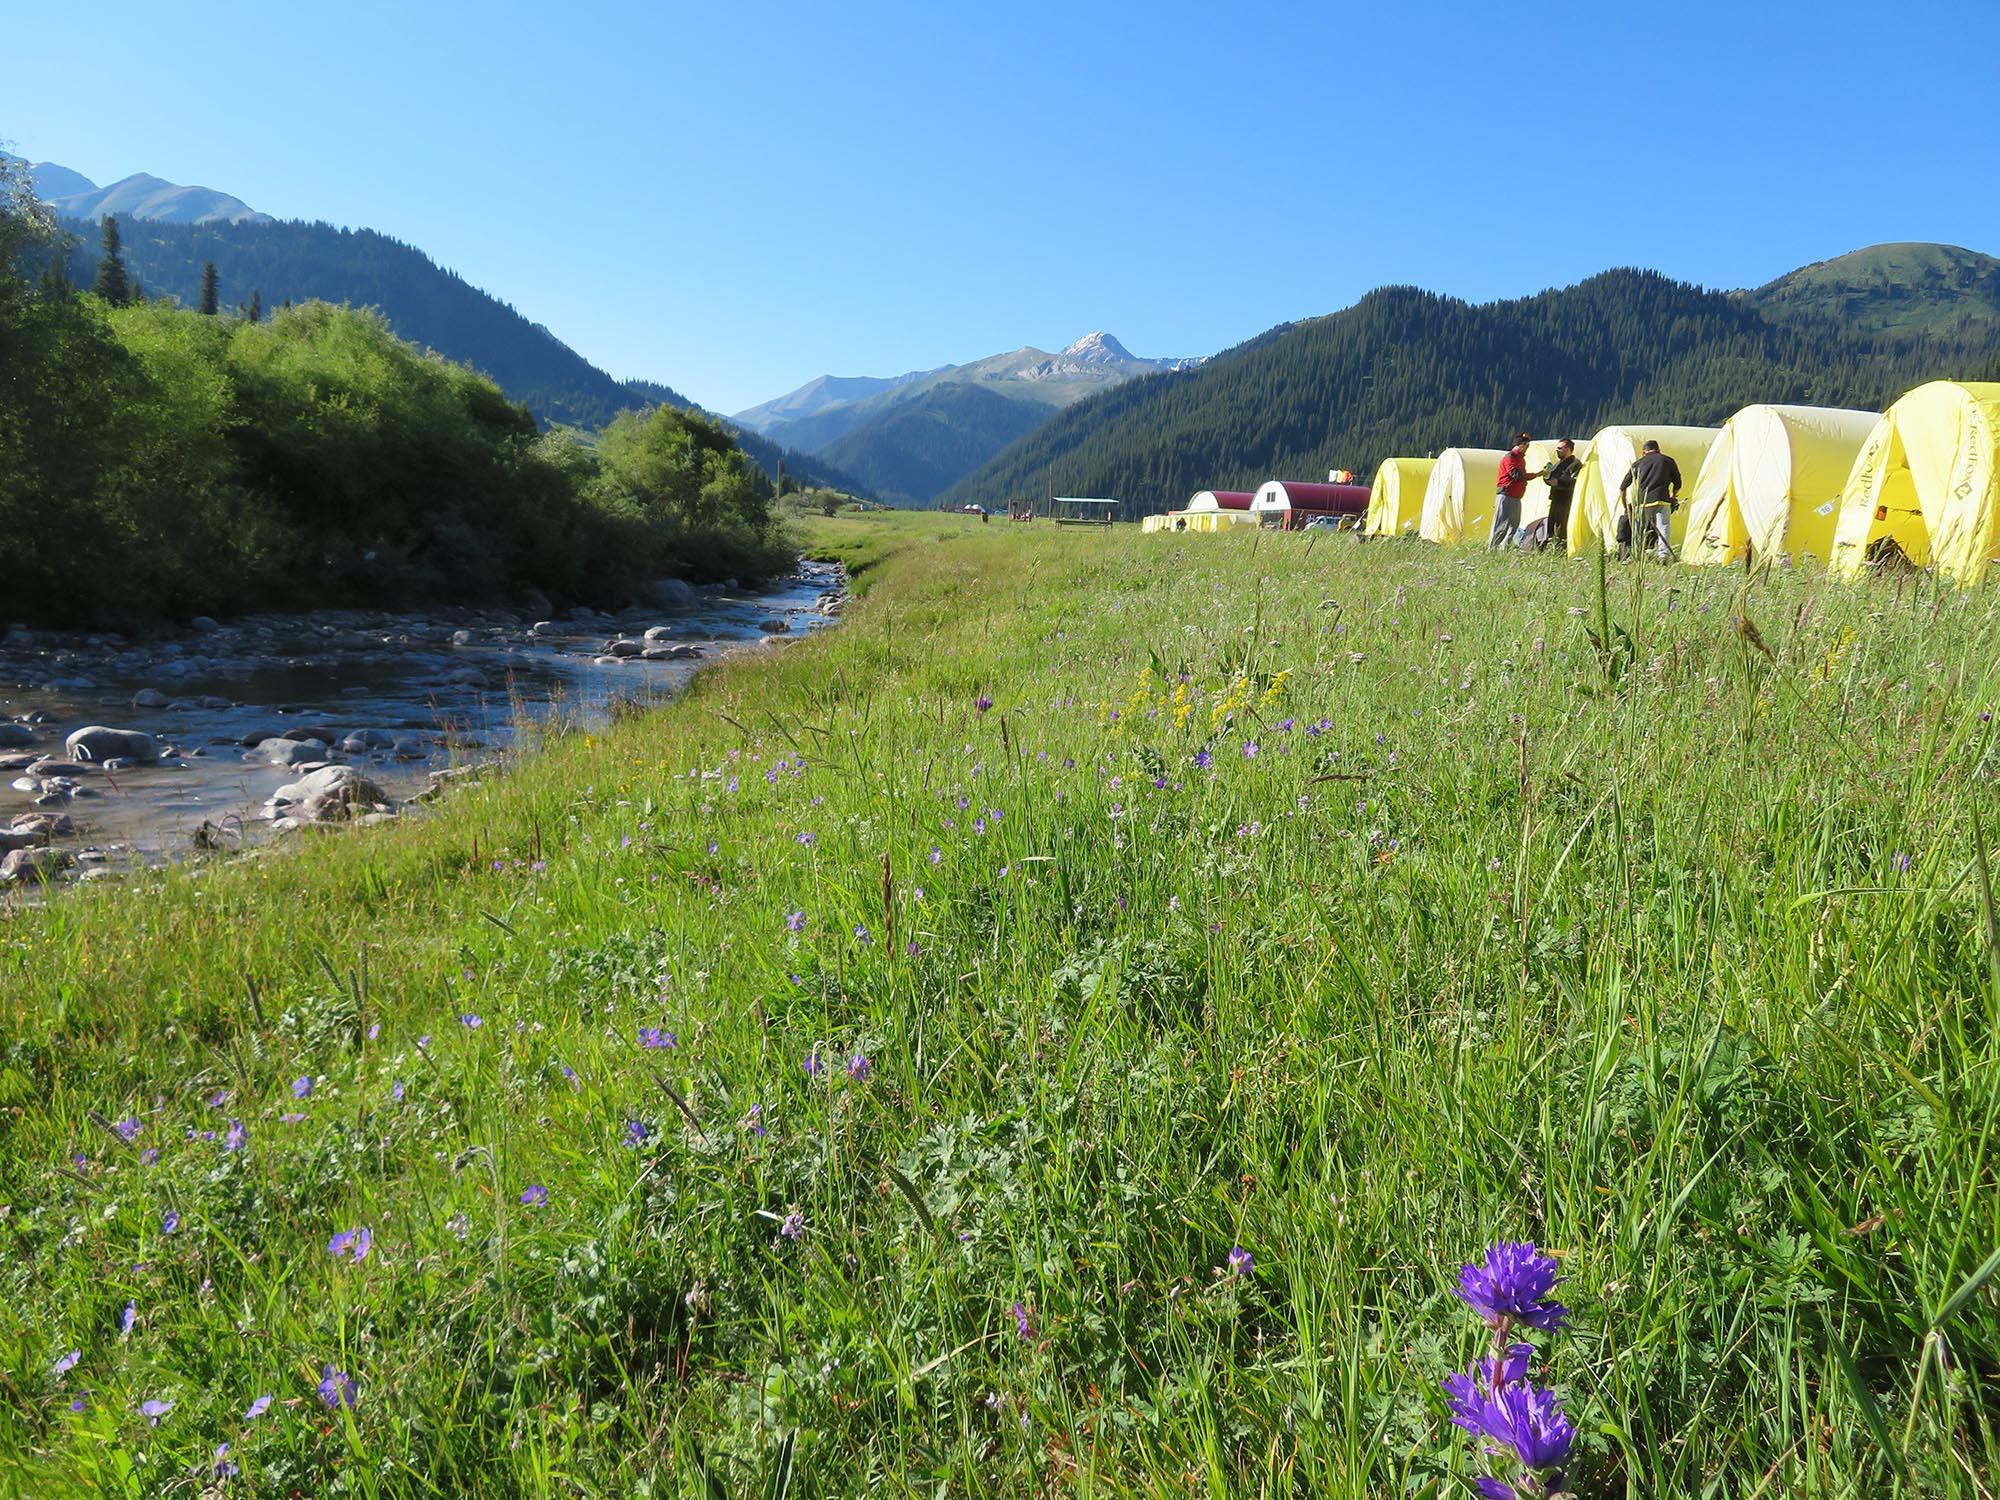 karkara-Camp